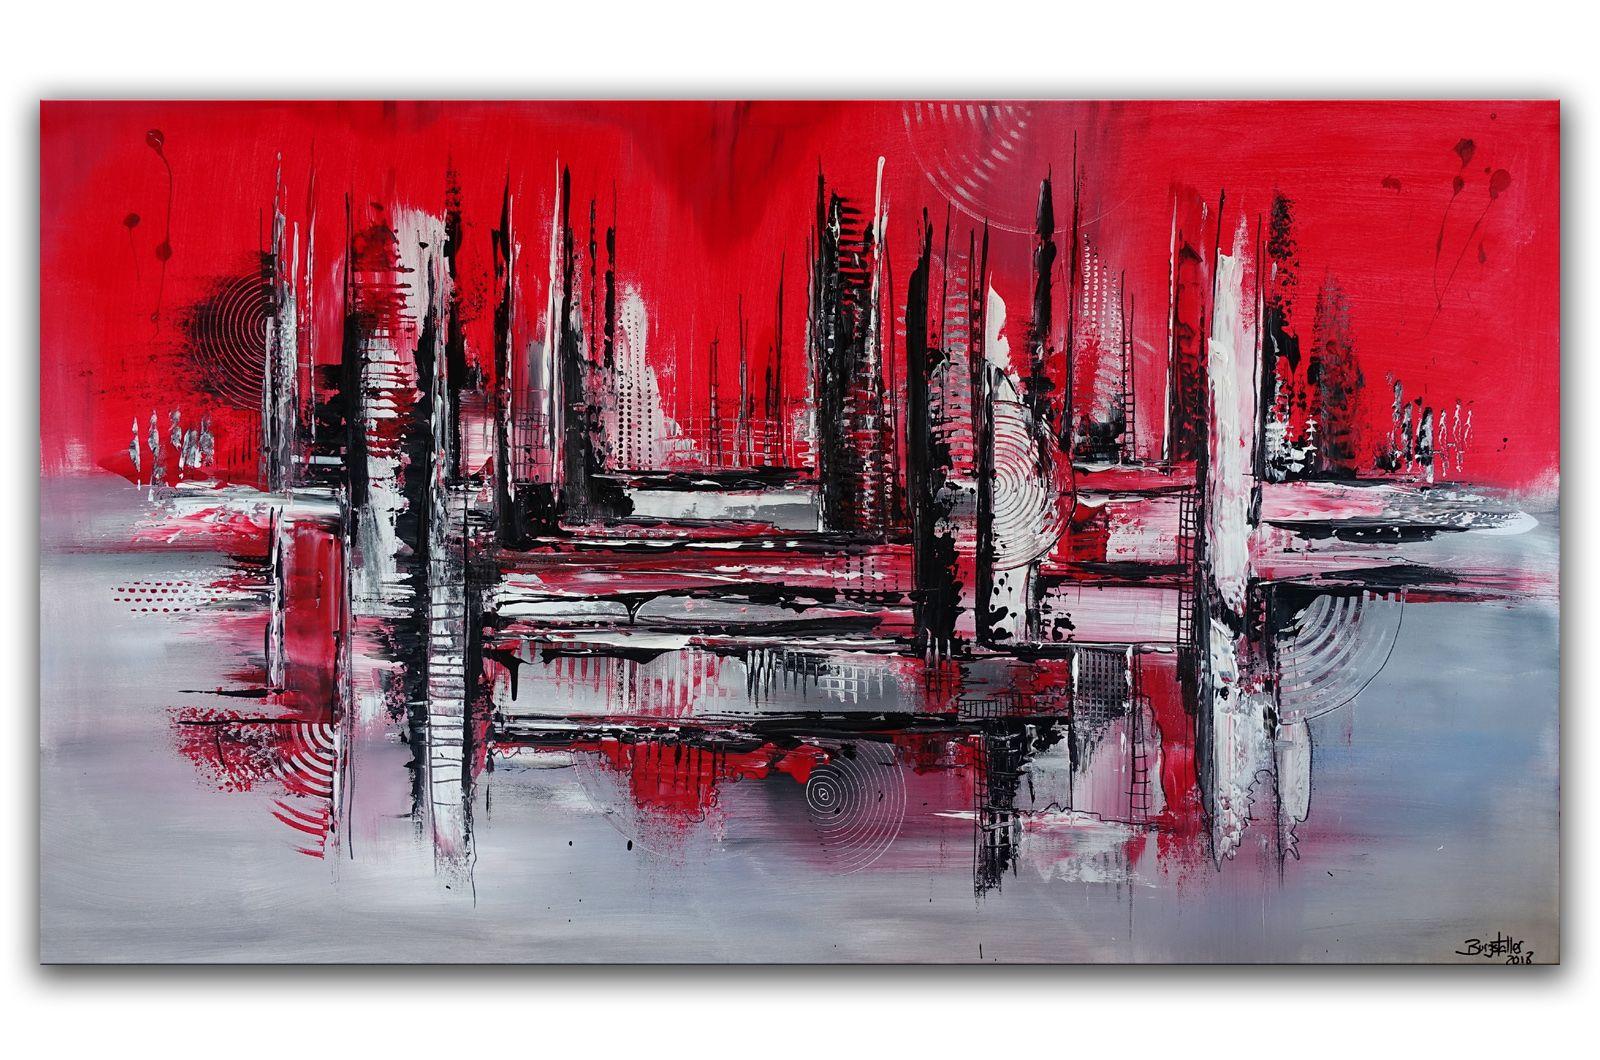 abstrakte skyline malerei rot wandbild stadtbild abstrakt bild grün kunst